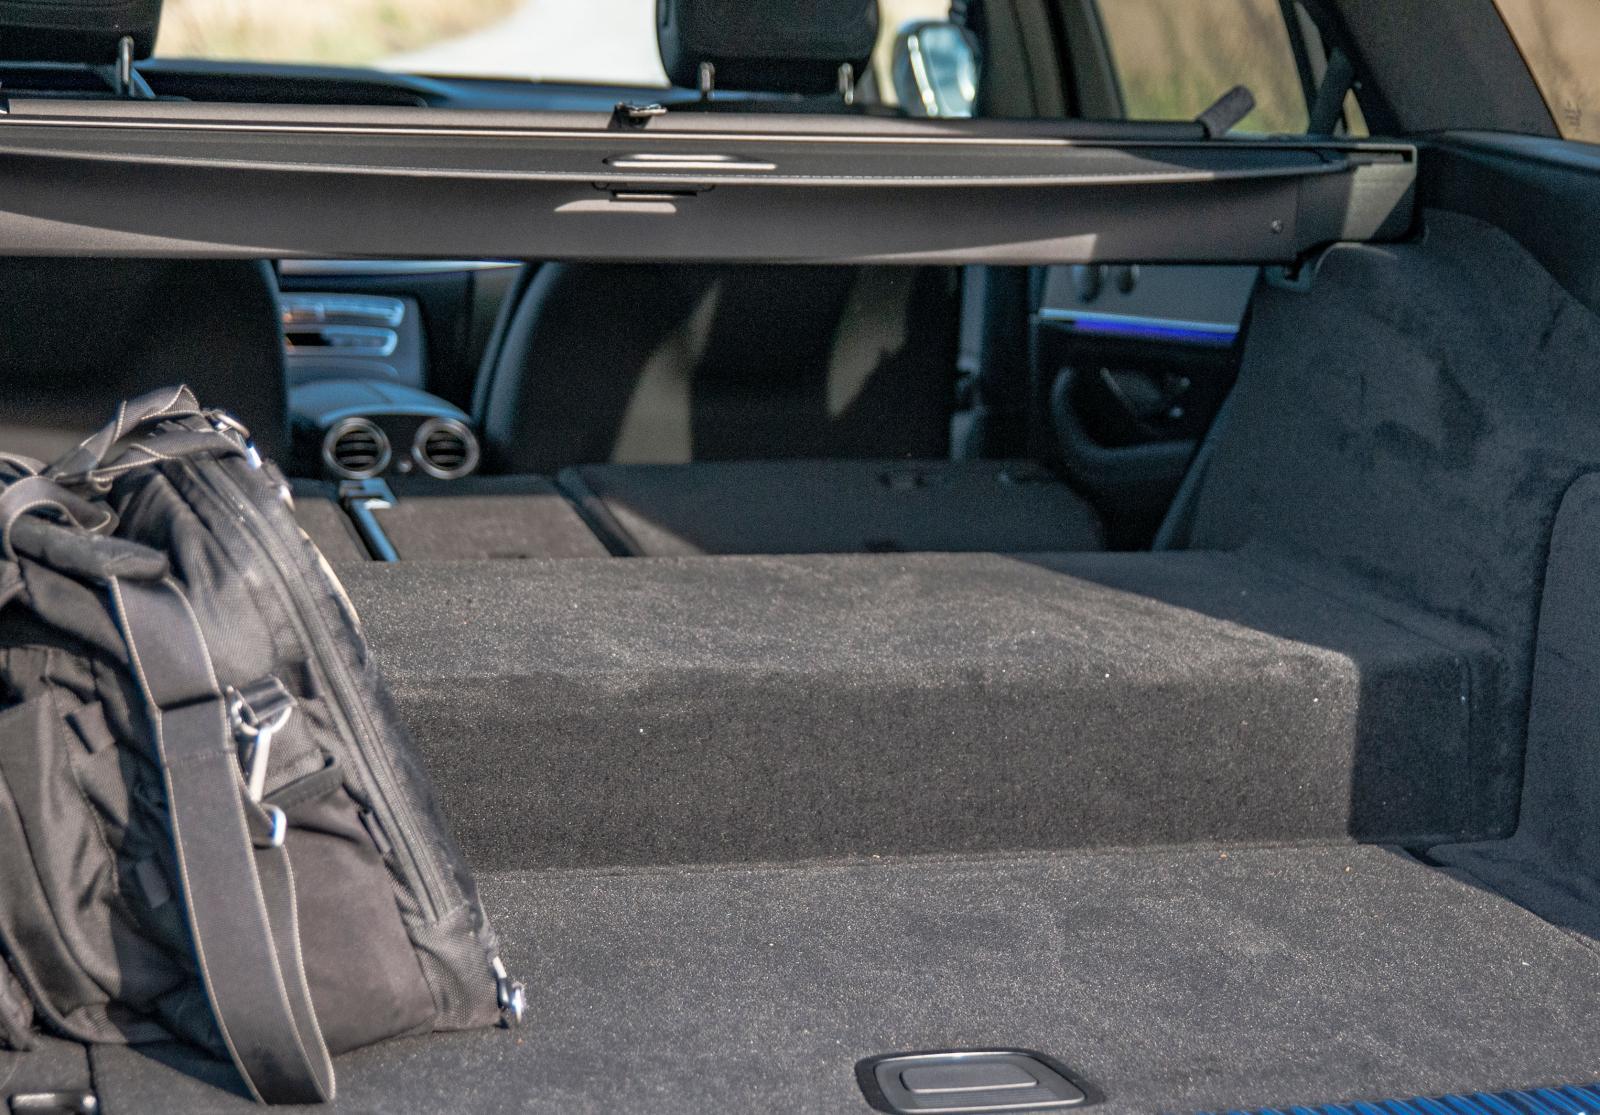 Batteriets placering i E-klass laddhybrid är en gåta för alla utom Mercedes ingenjörer. Konstruktionen blir kvar till nästa generationsskifte 2023.